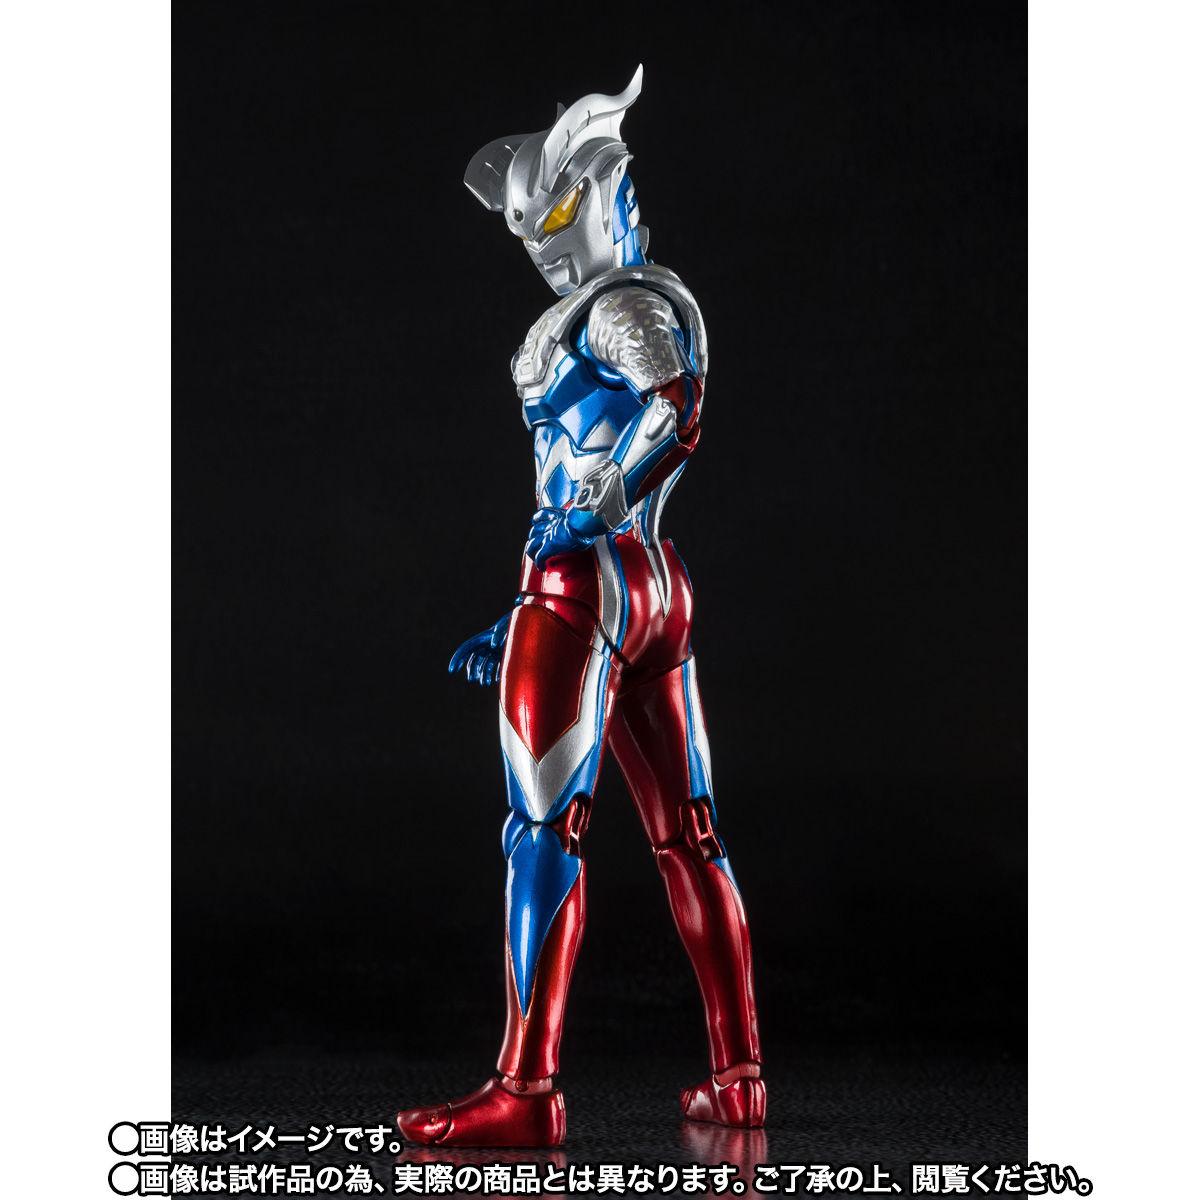 【限定販売】S.H.Figuarts『ウルトラマンゼロ 10周年 Special Color Ver.』可動フィギュア-006